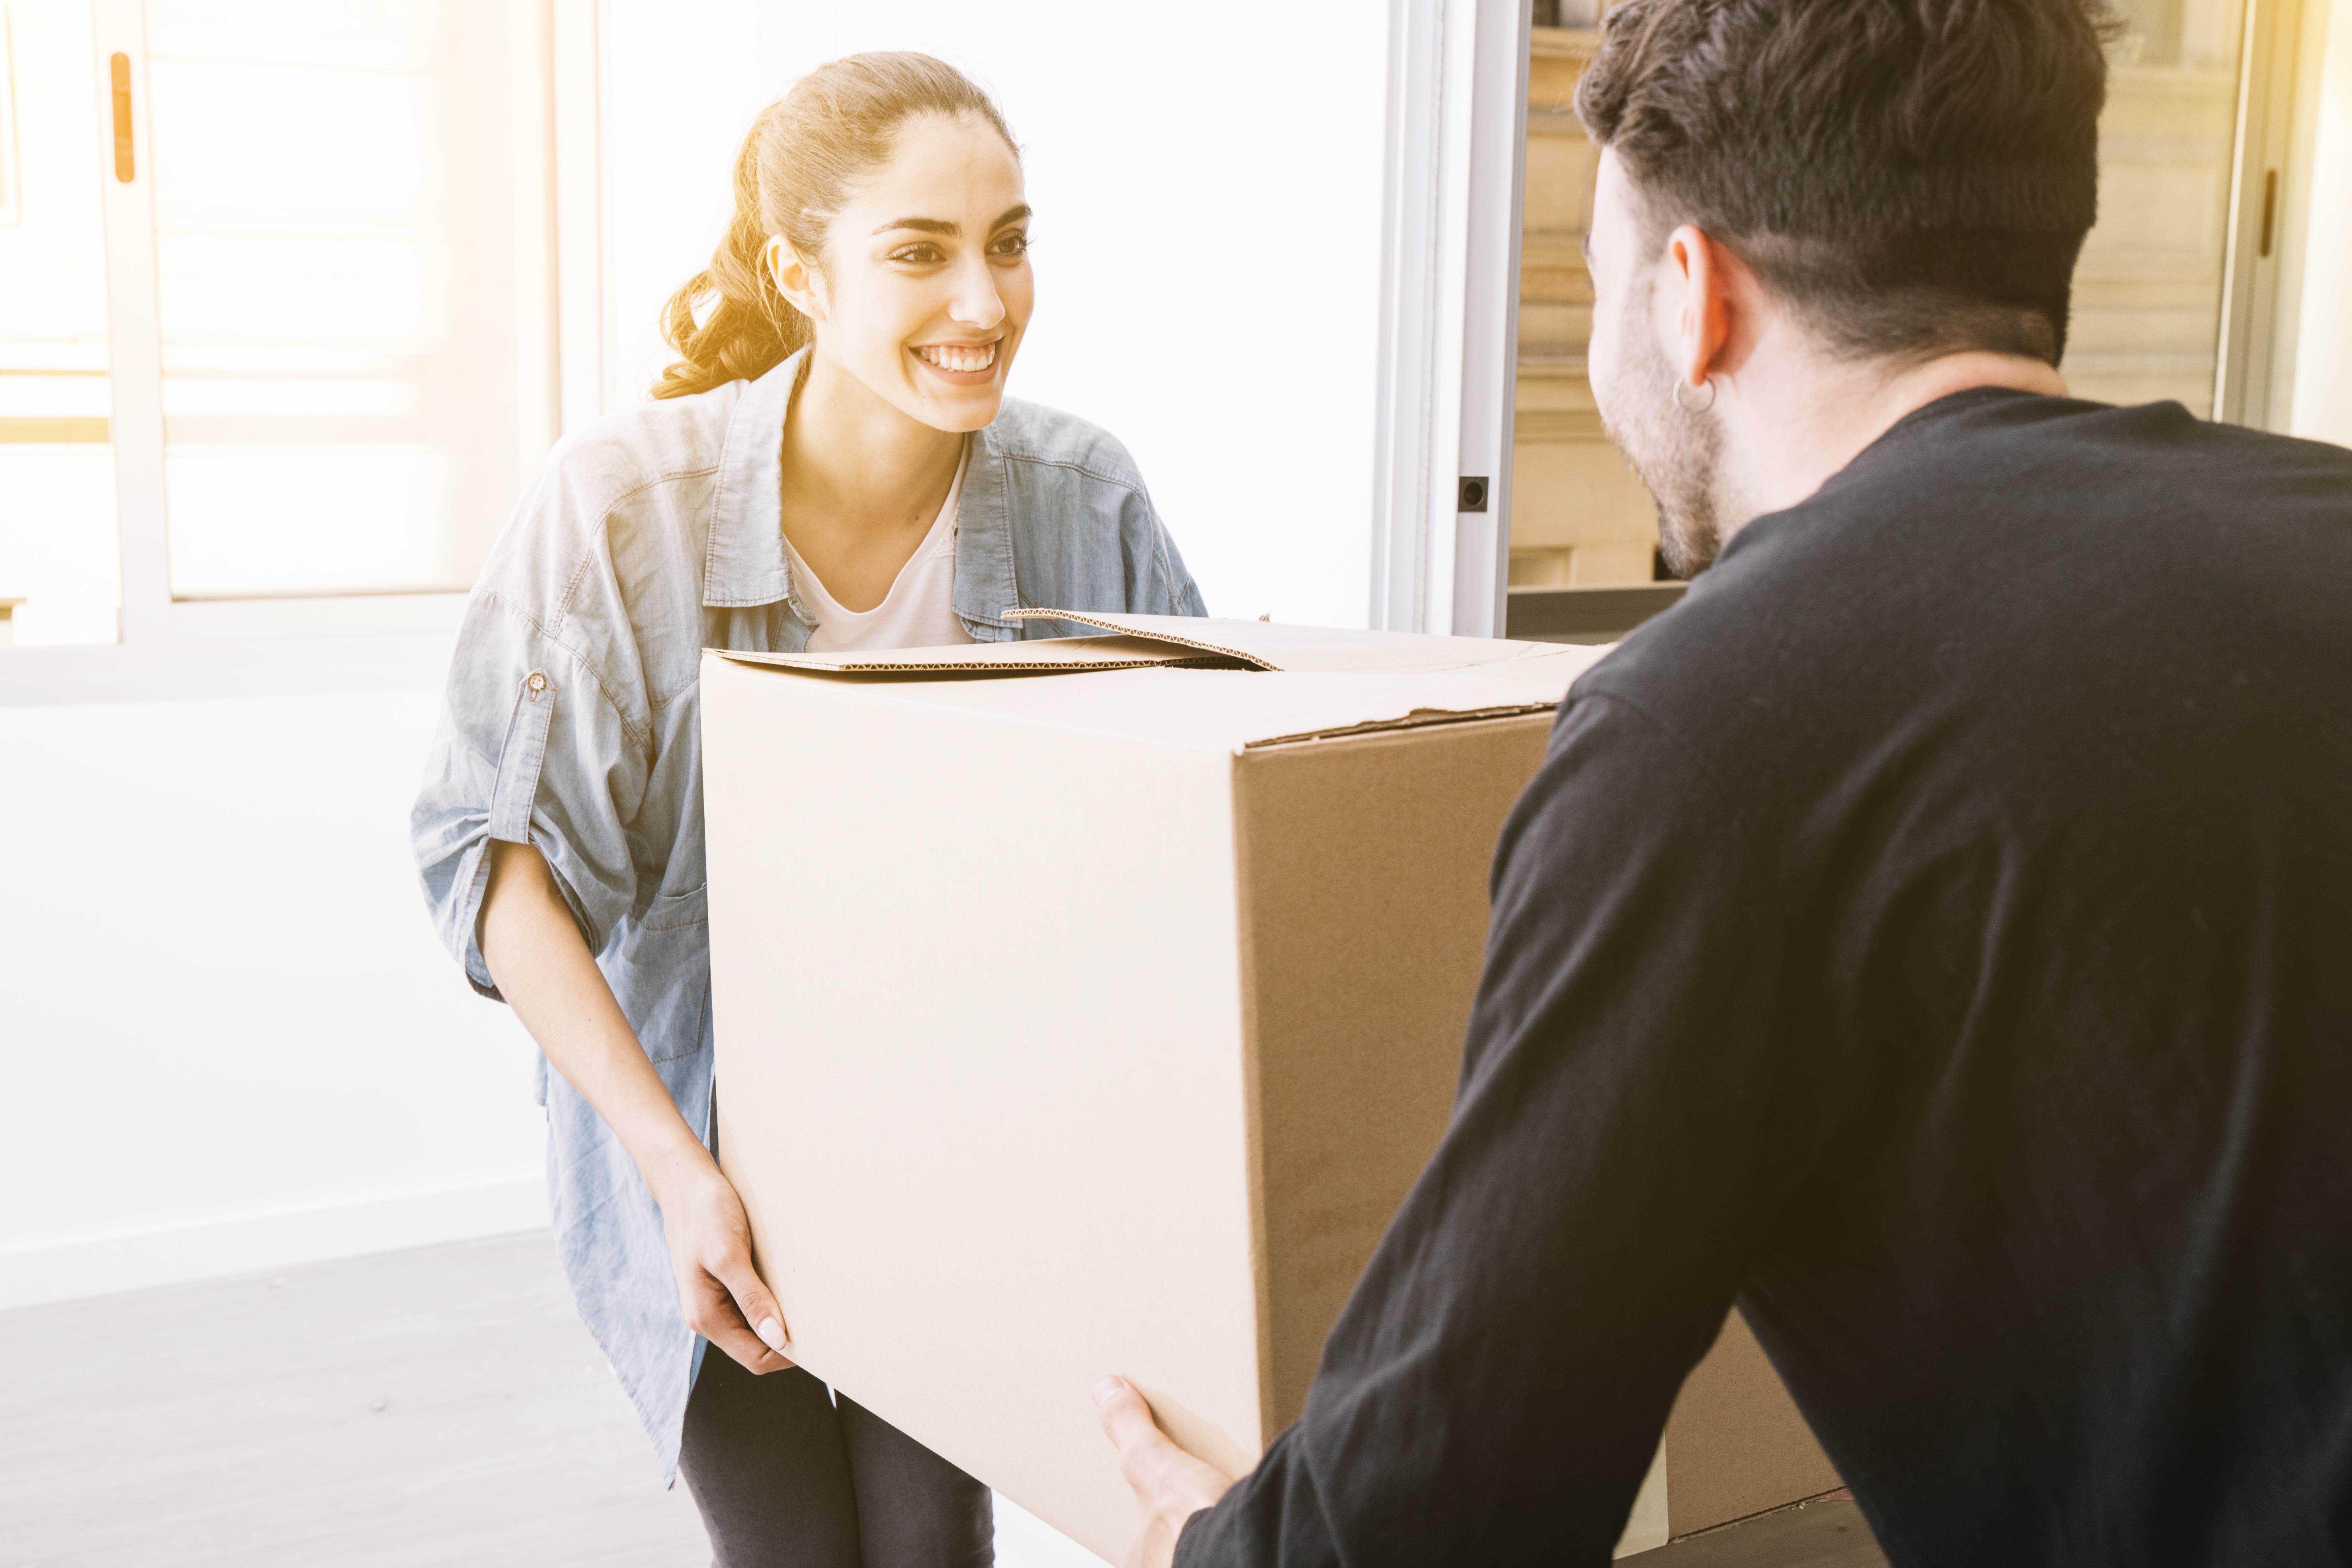 Para saber se os namorados terão que eventualmente dividir os bens, é preciso avaliar o relacionamento. (Foto: Ilustrativa/Freepik)